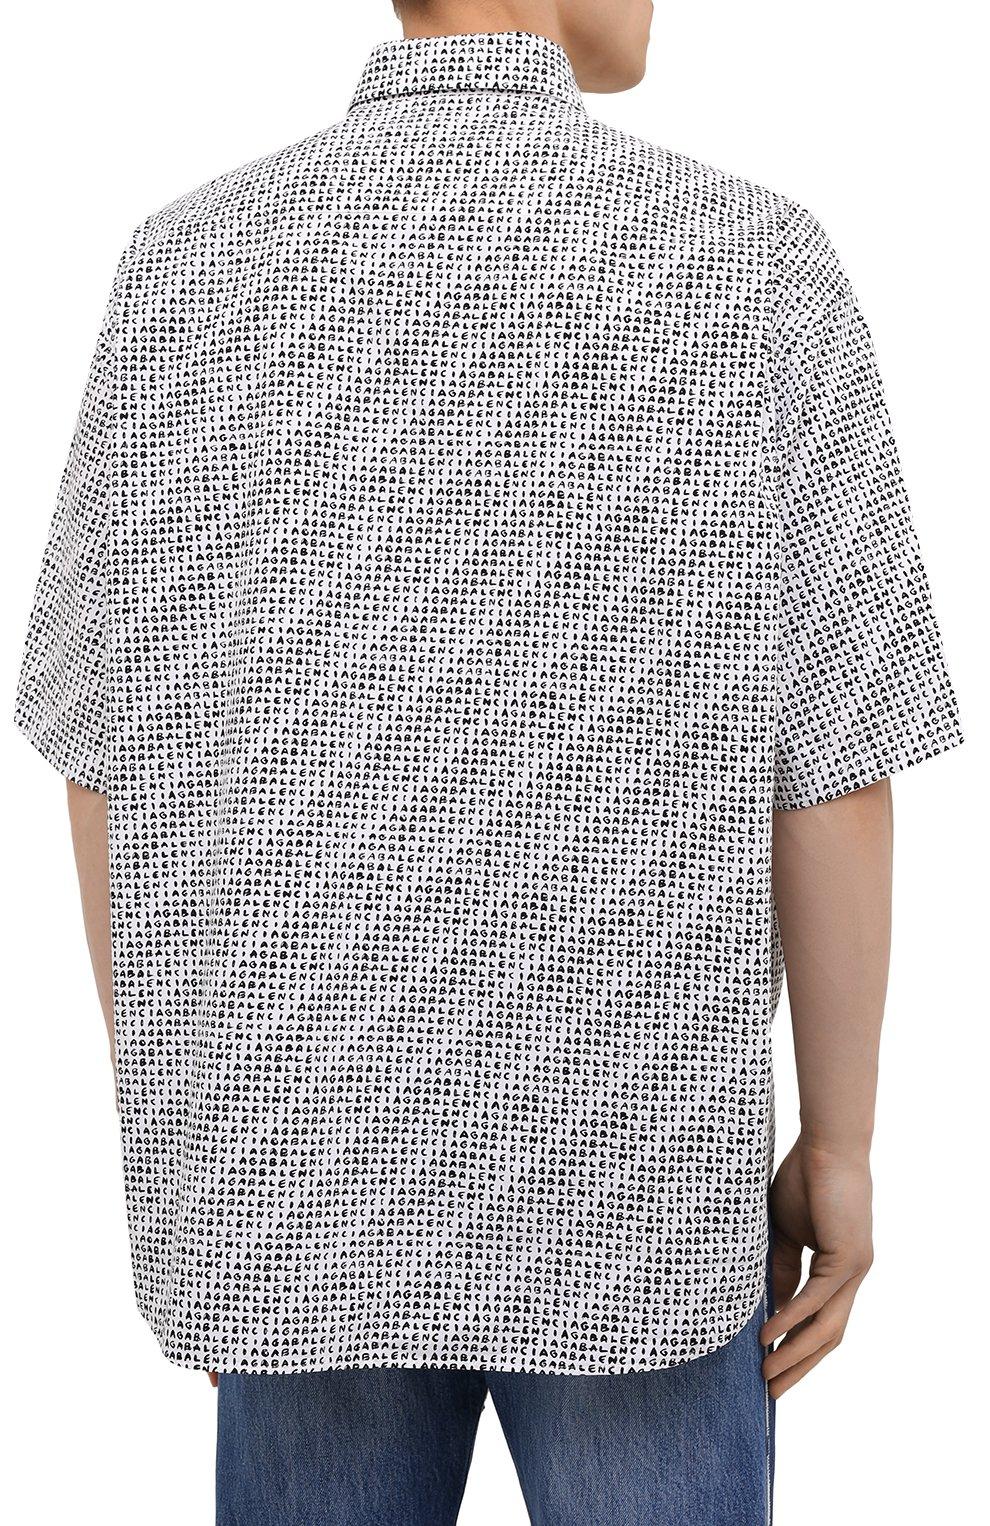 Мужская хлопковая рубашка BALENCIAGA черно-белого цвета, арт. 647354/TKL40 | Фото 4 (Воротник: Button down; Рукава: Короткие; Случай: Повседневный; Длина (для топов): Стандартные; Стили: Гранж; Принт: С принтом; Материал внешний: Хлопок)